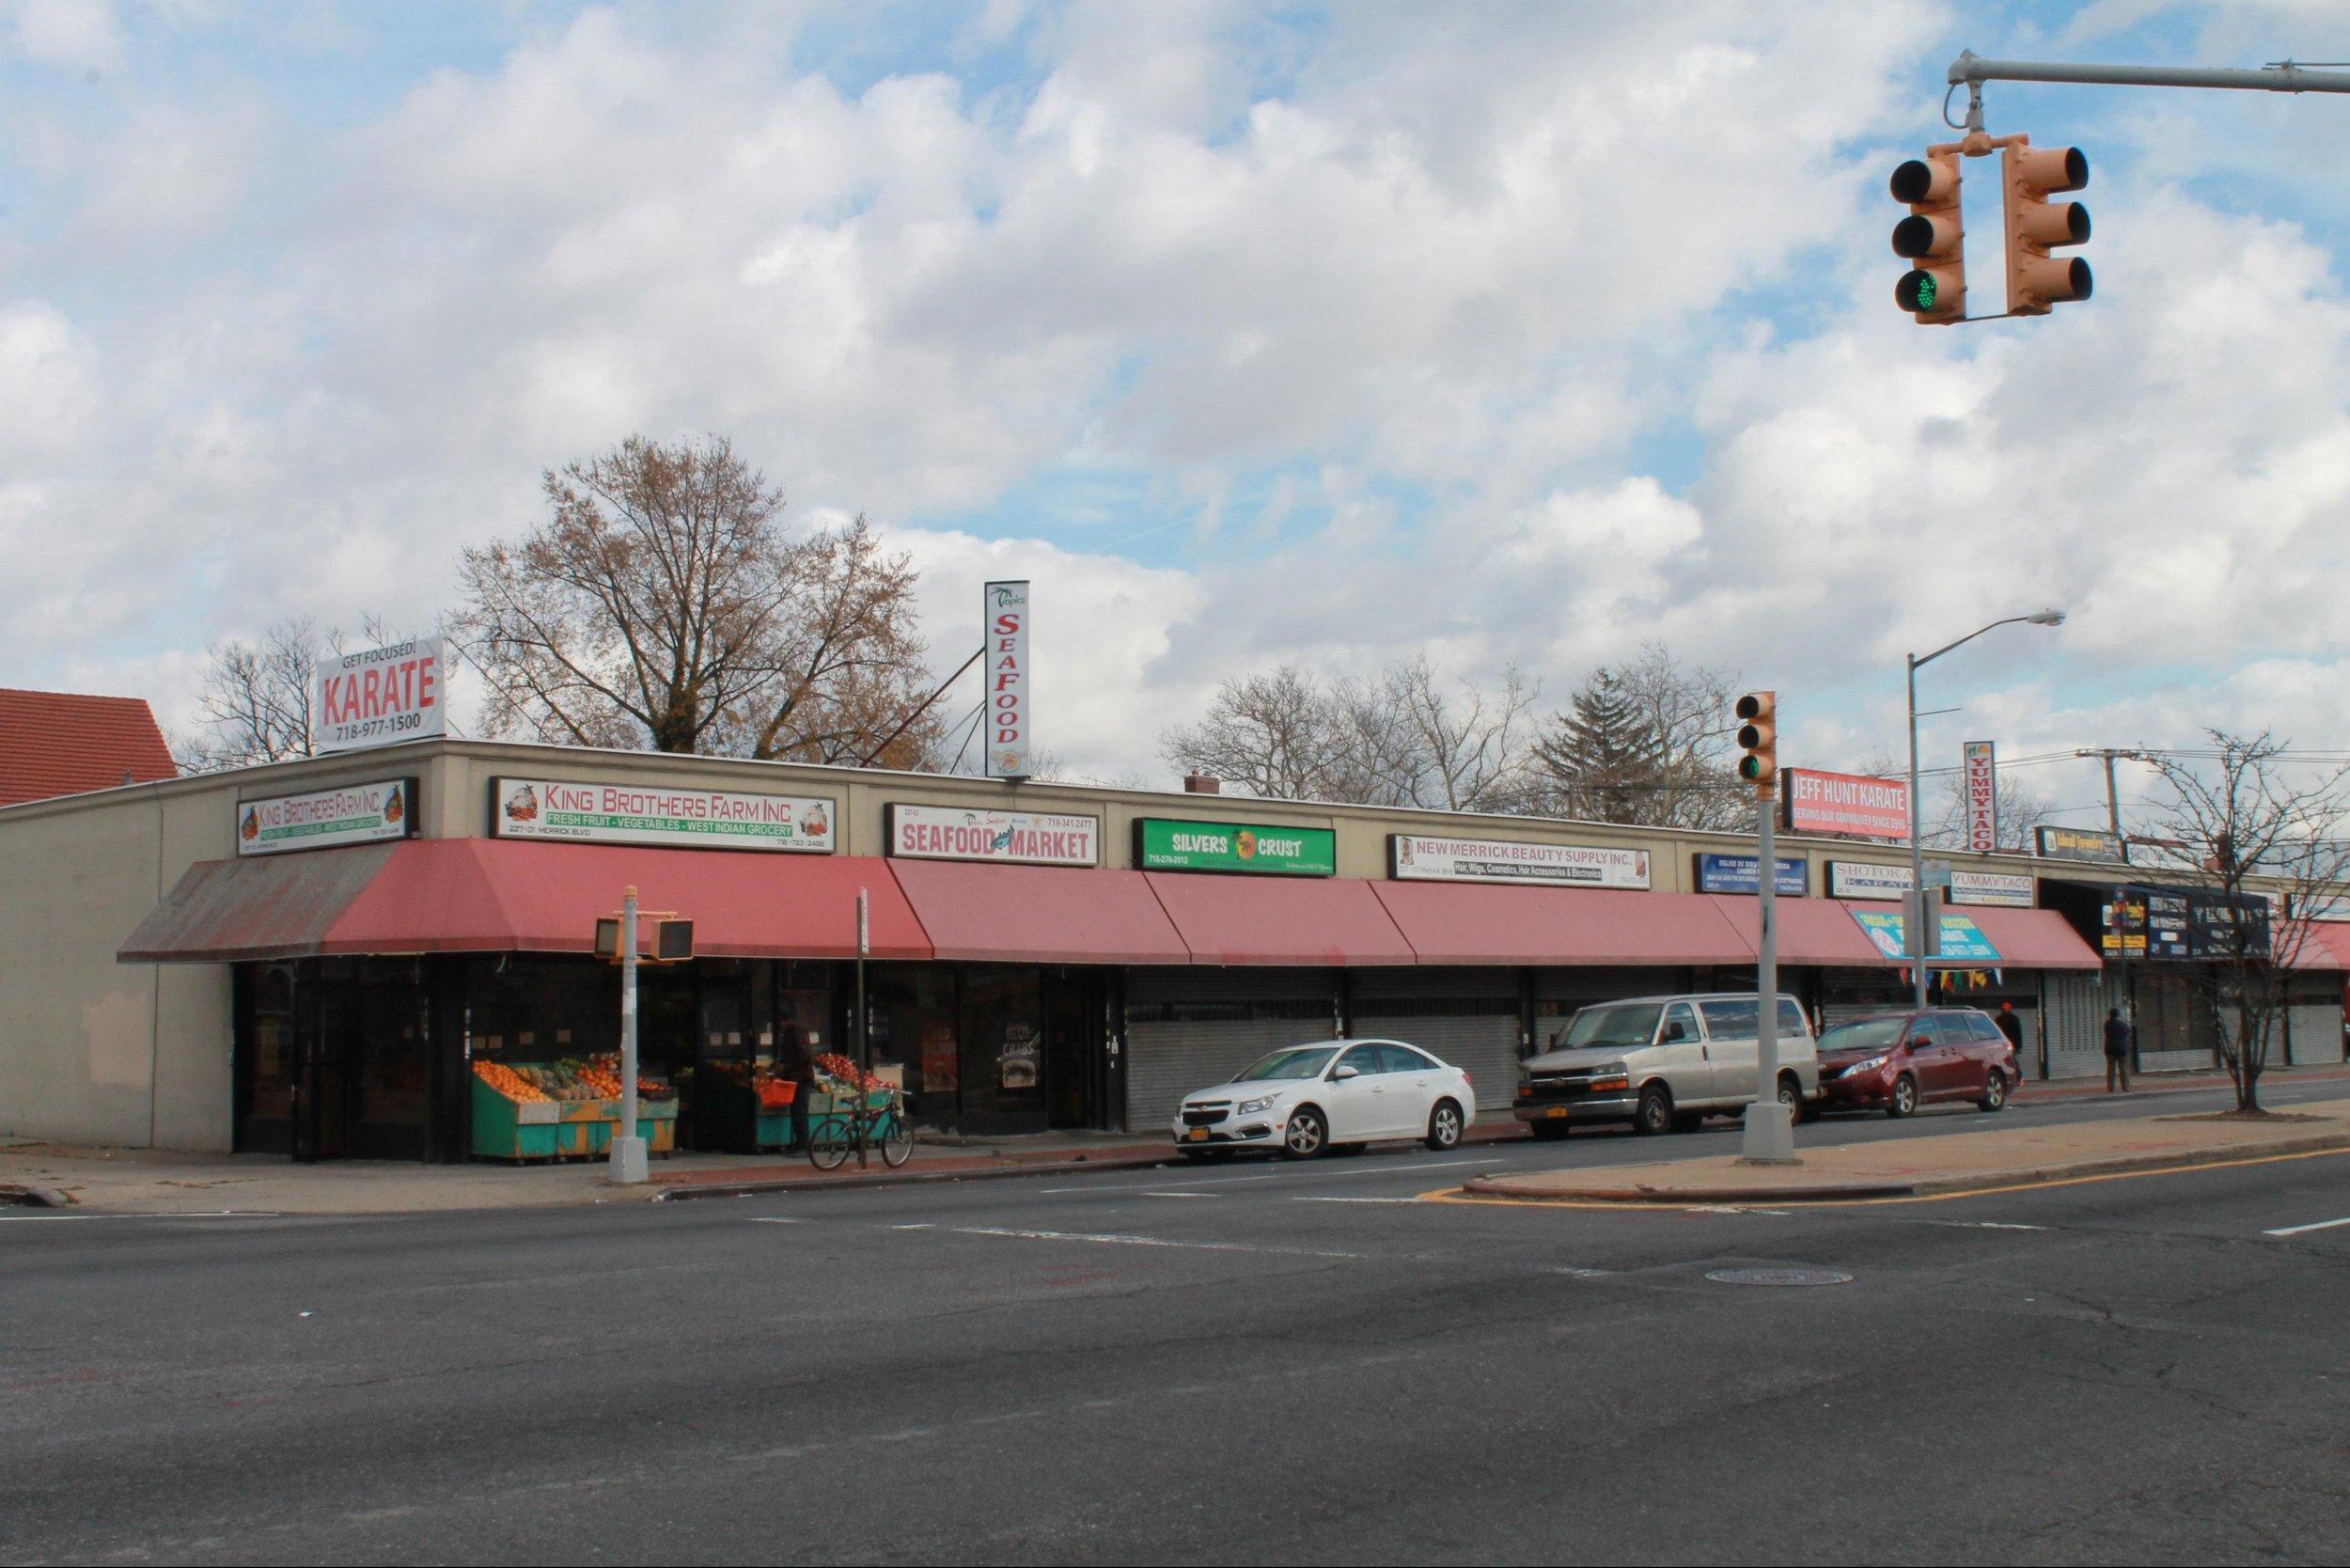 227-01/23 Merrick Blvd, Queens